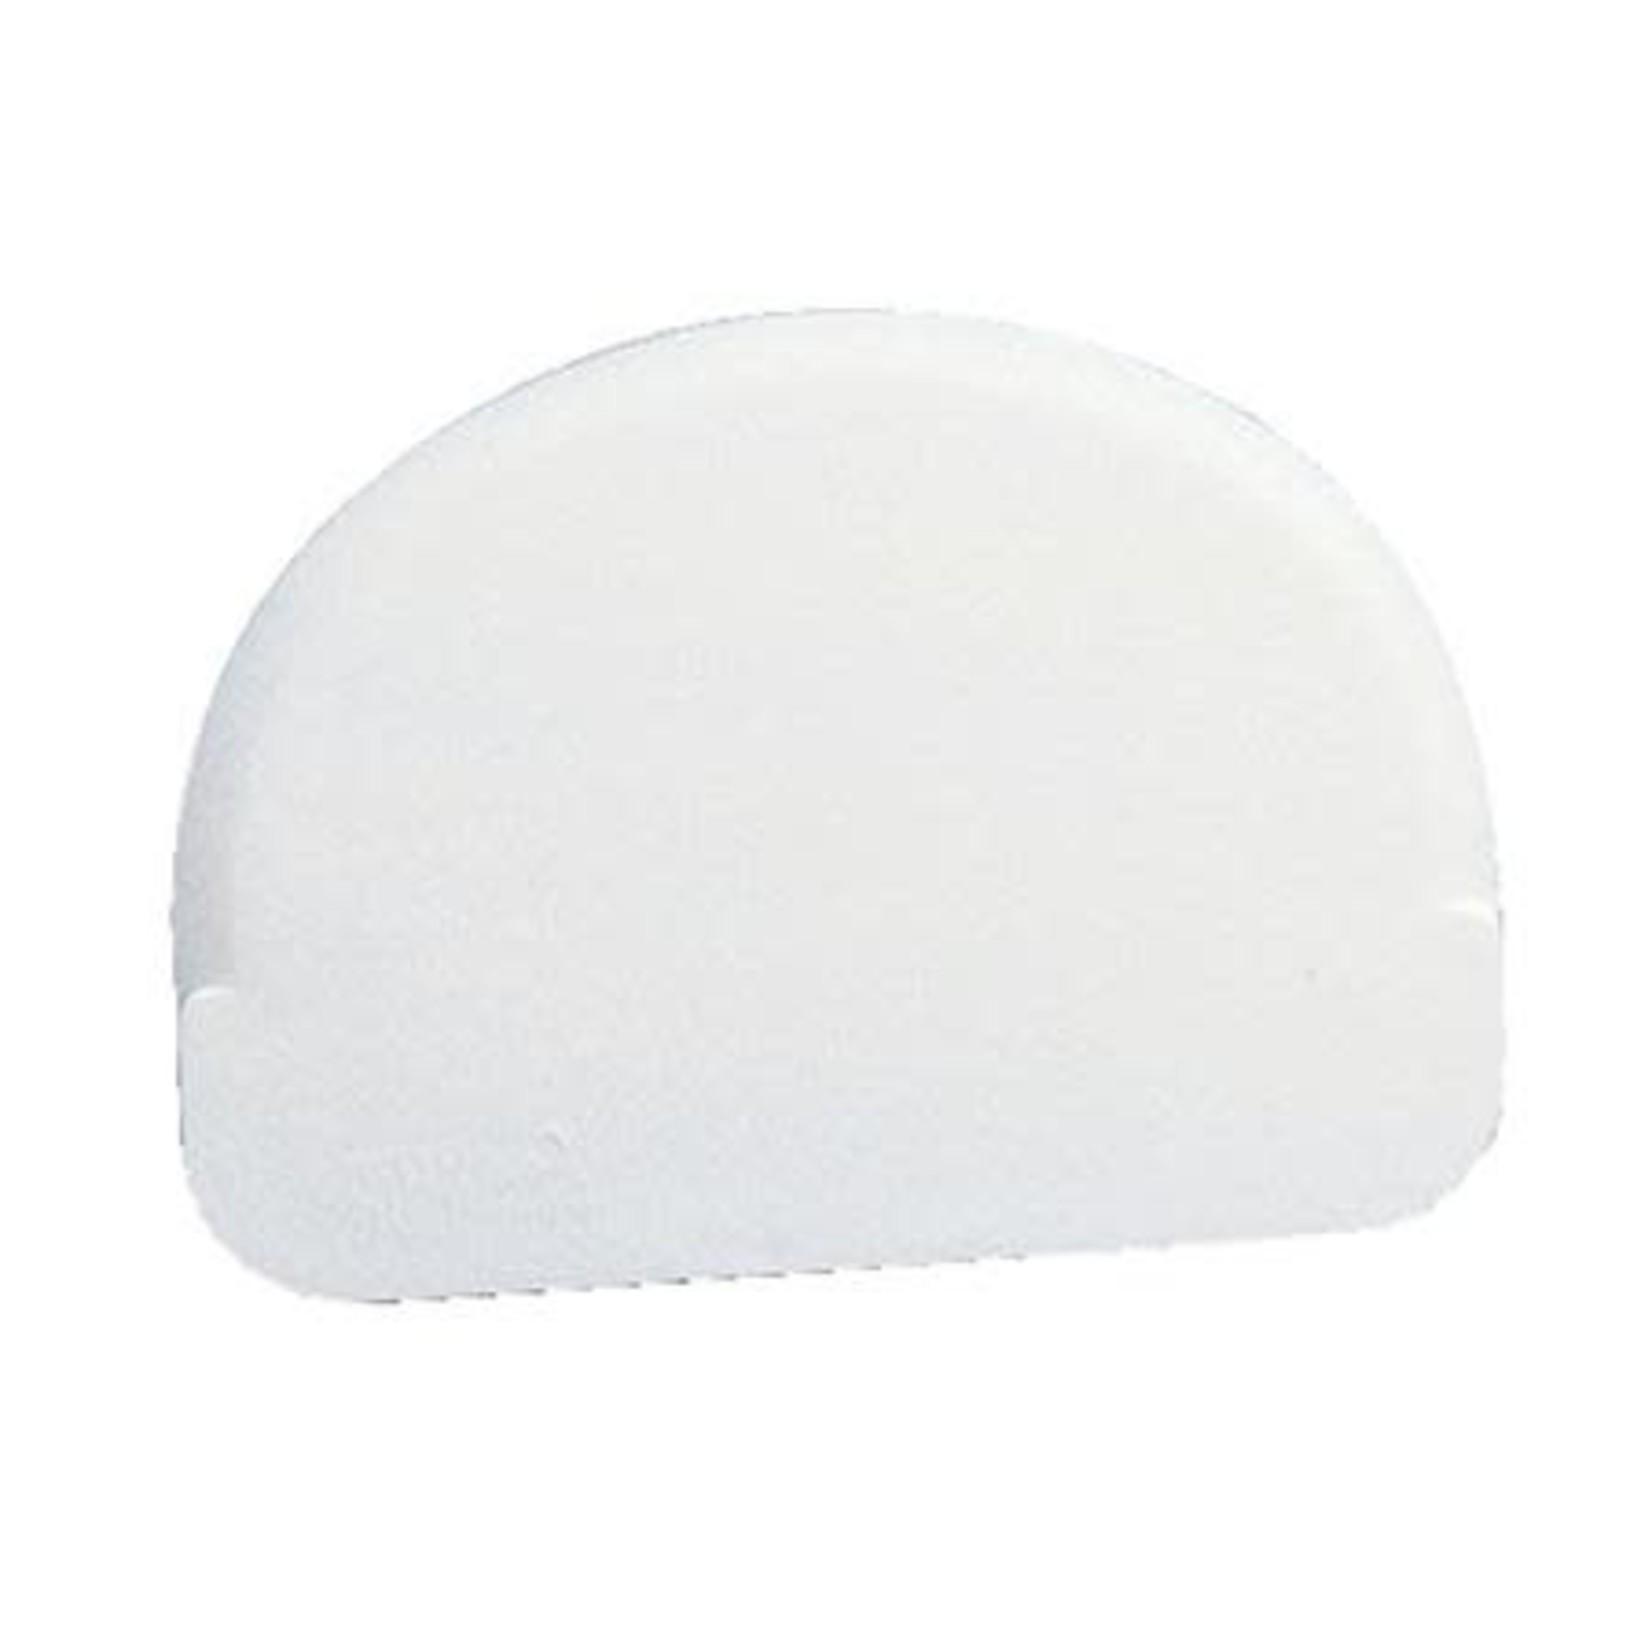 Martellato Deegschraper halfrond wit zacht 12x9cm